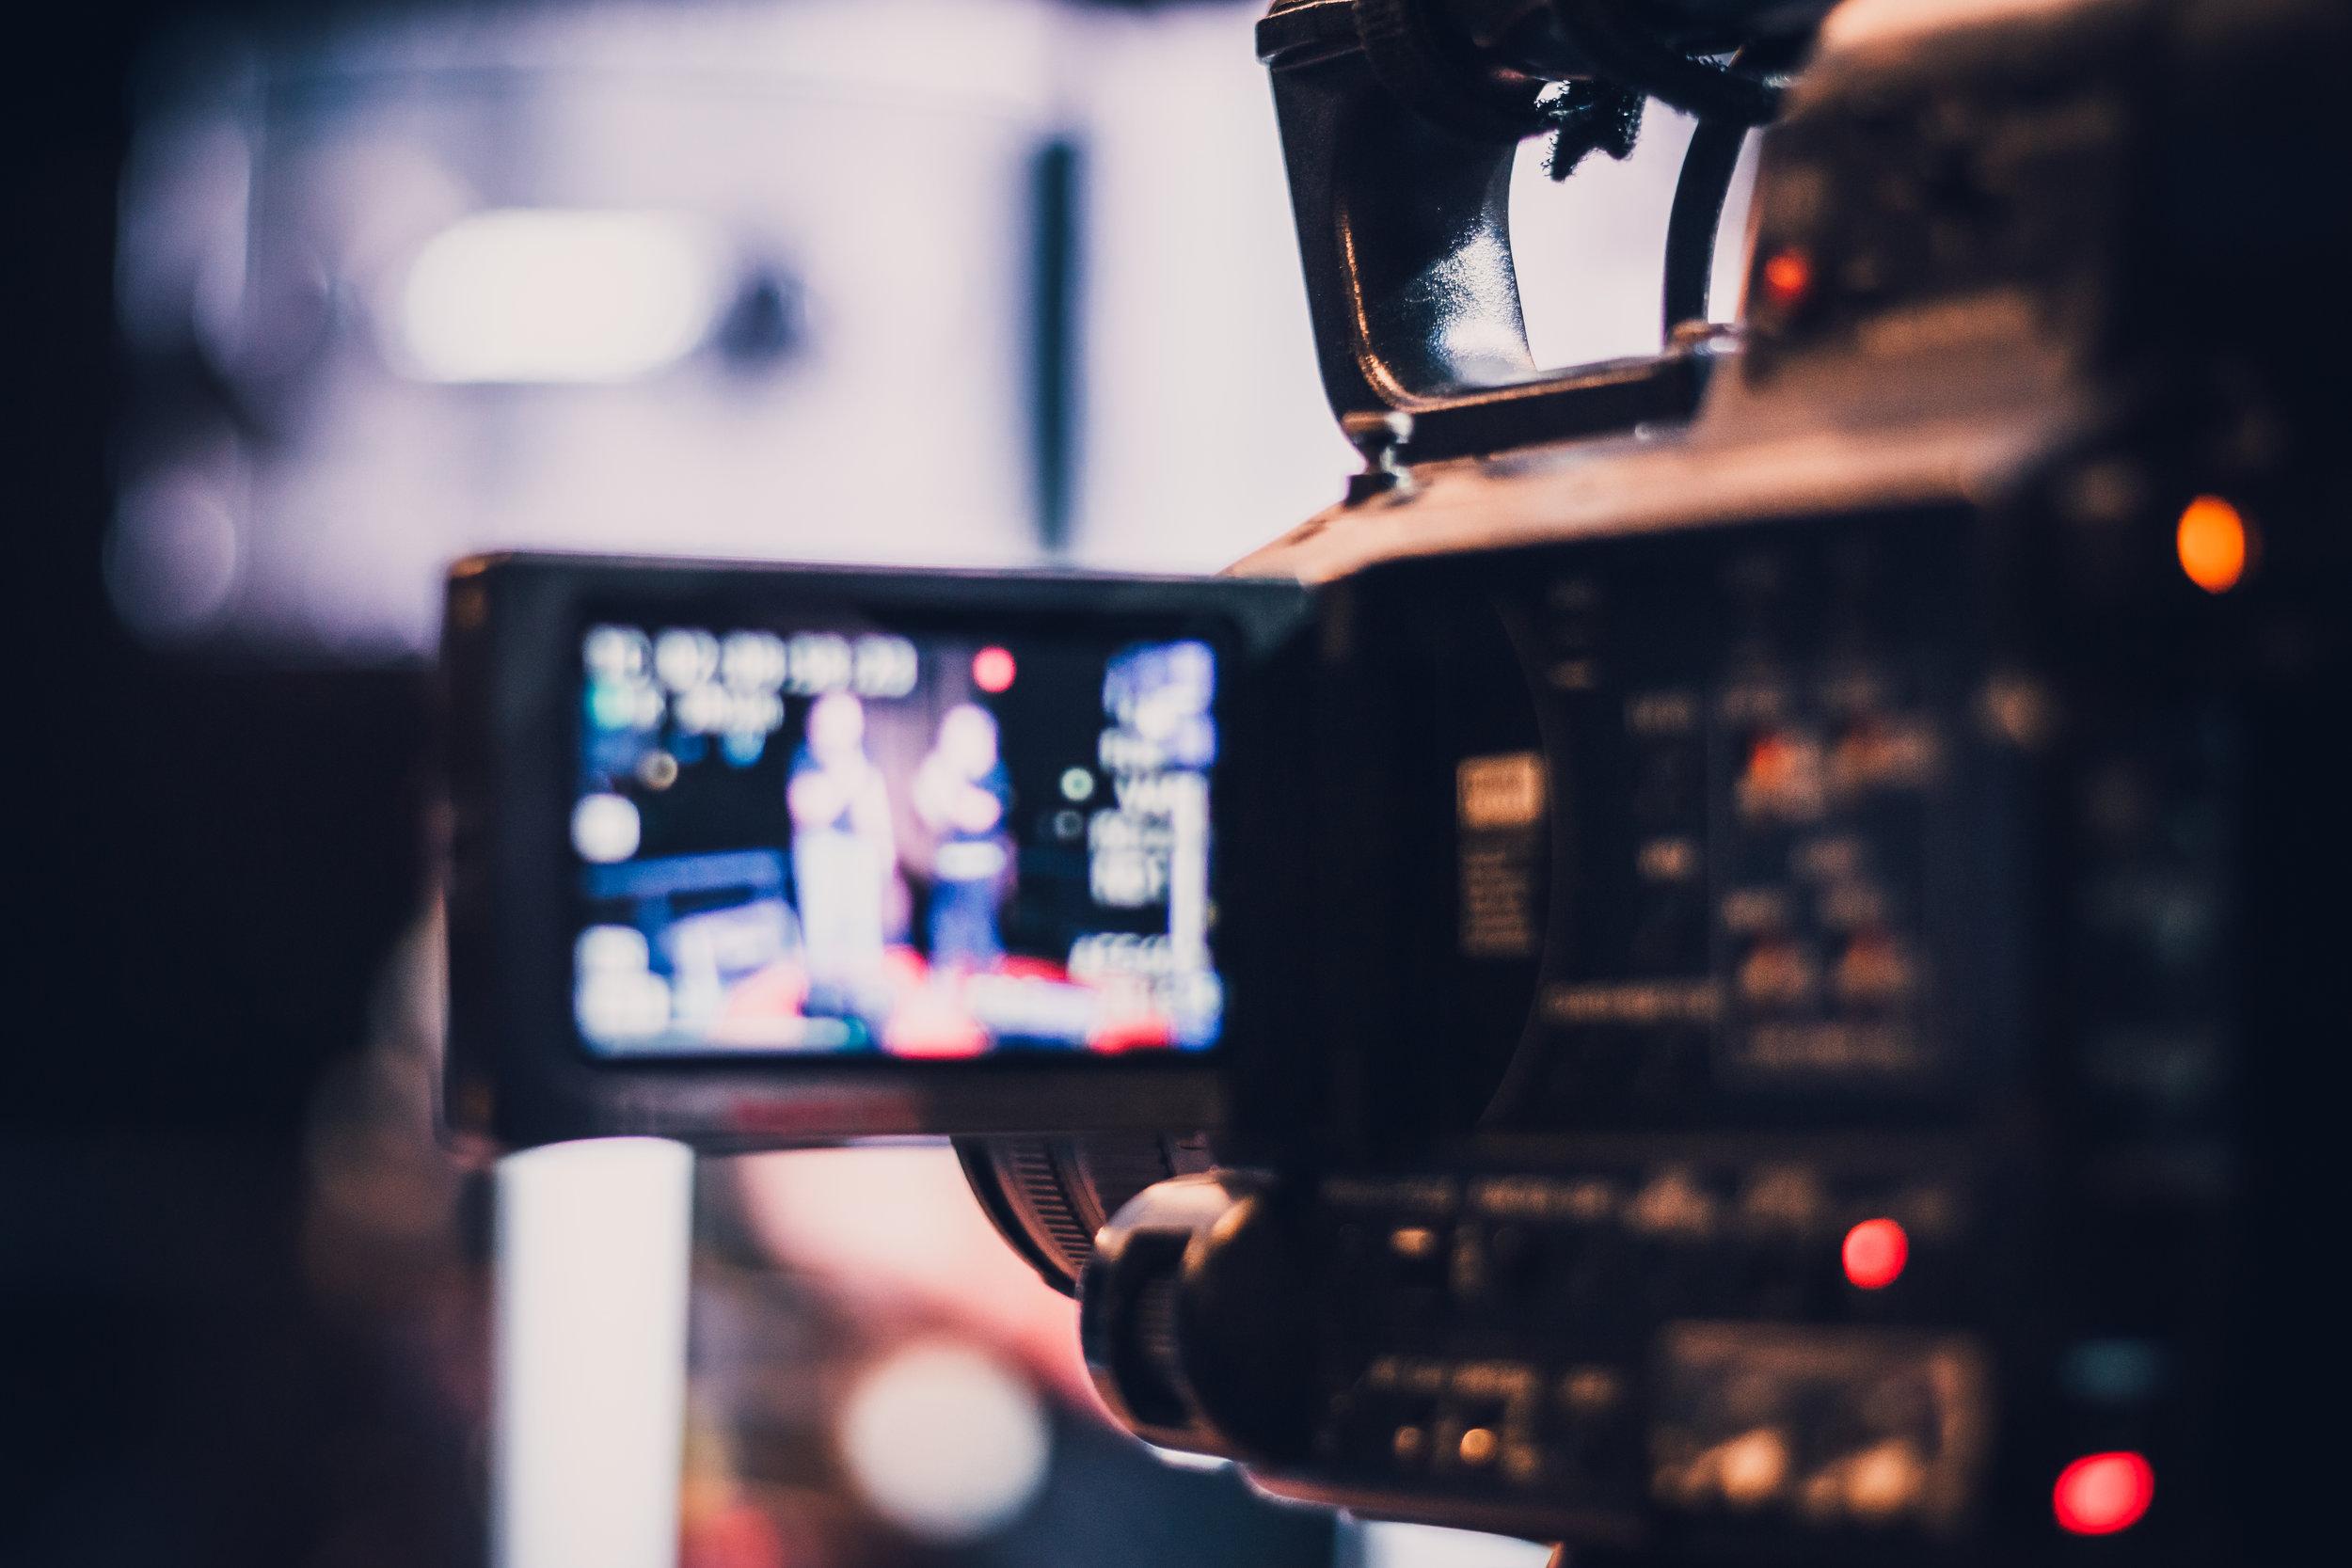 video 300x200.jpg